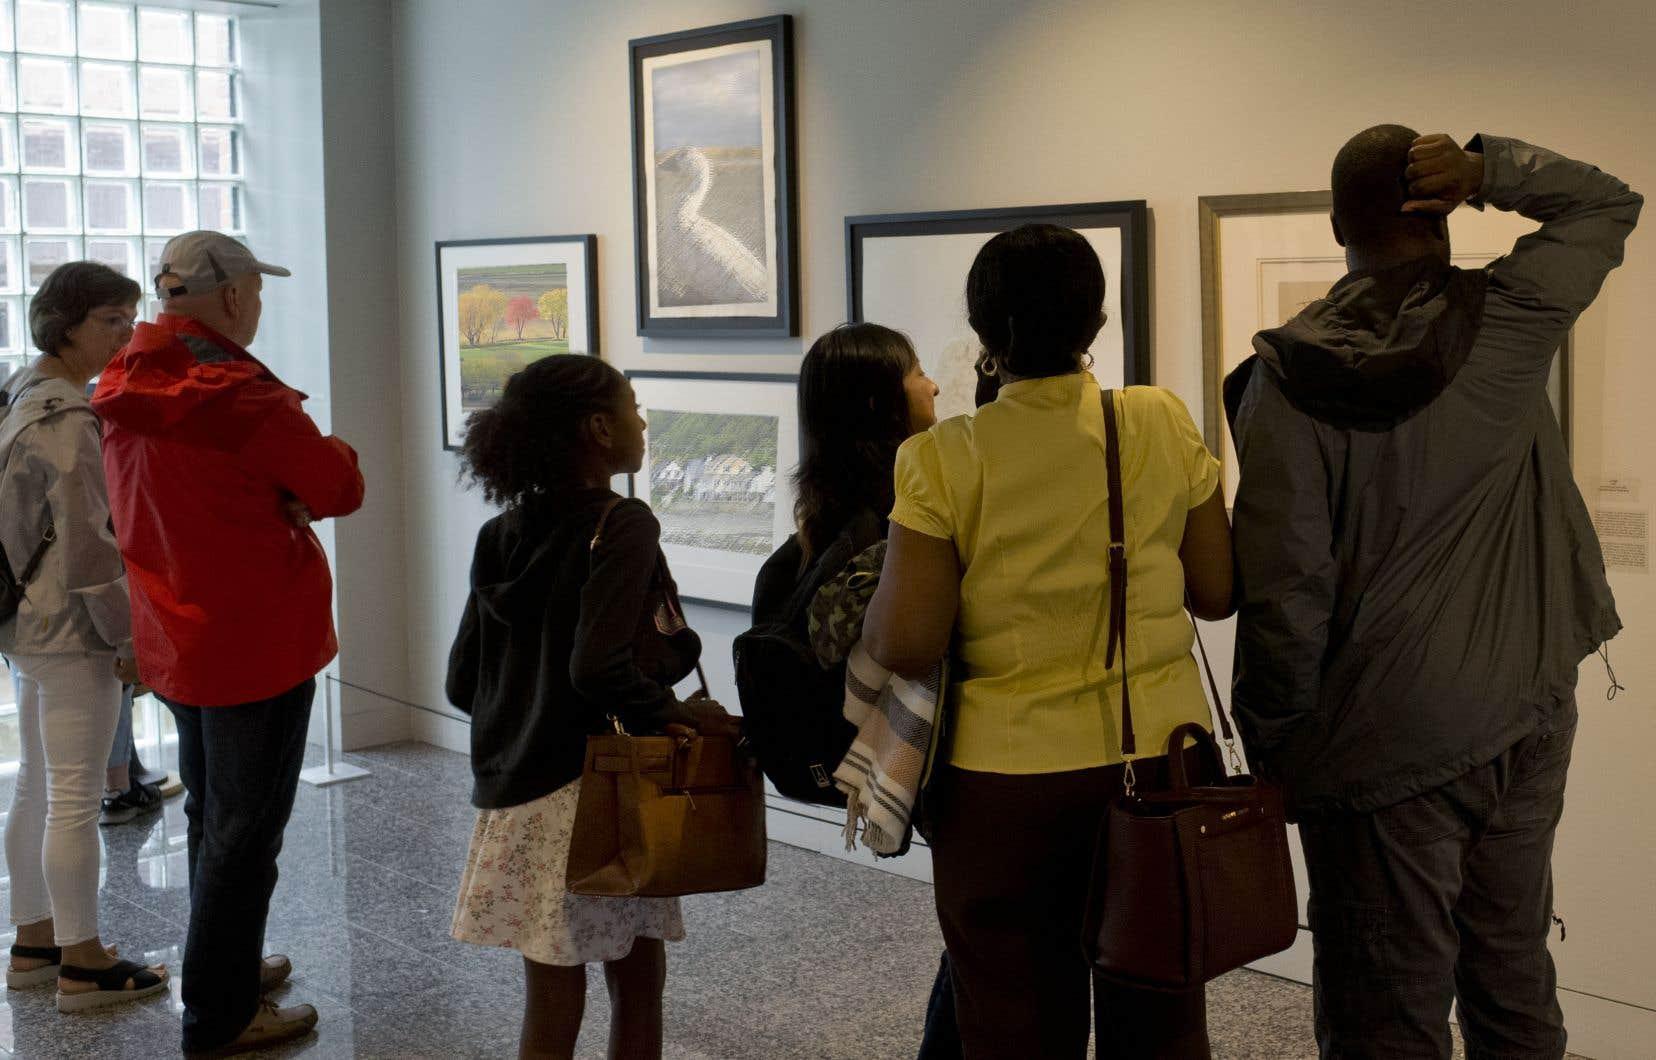 Certains collectionneurs voulant donner des œuvres de maître n'ayant pas de lien avec le Canada ne peuvent plus bénéficier des avantages fiscaux maximums. Le Musée des beaux-arts de Montréal a ainsi perdu l'occasion de se faire donner une estampe de Rembrandt.